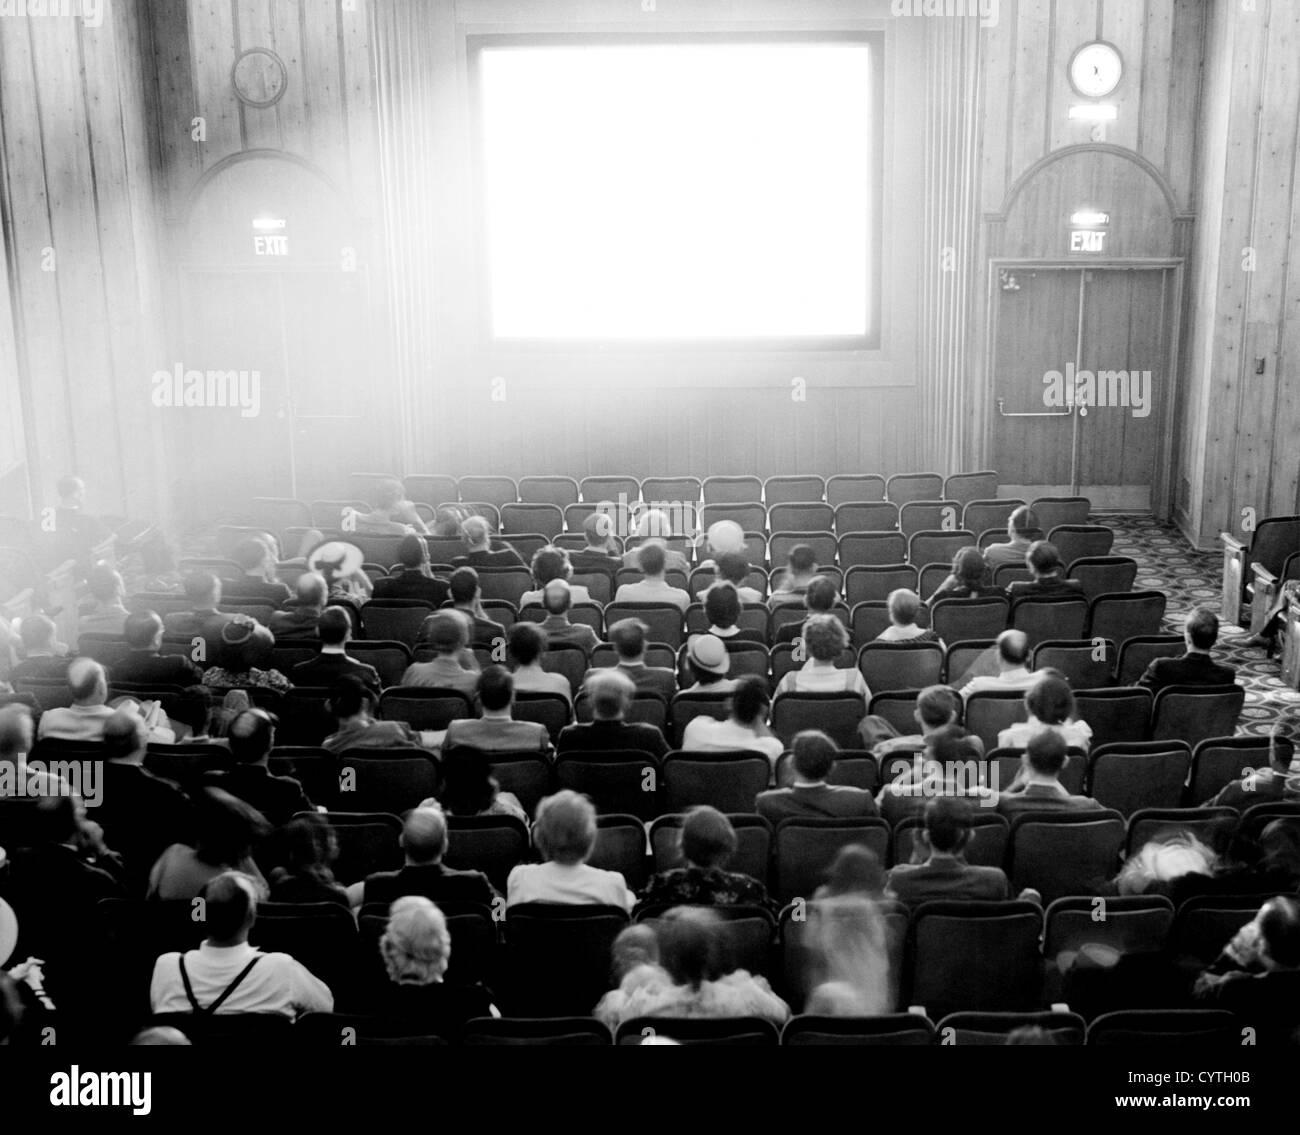 Paare in einem Theater bereitet sich einen Film ansehen Stockbild